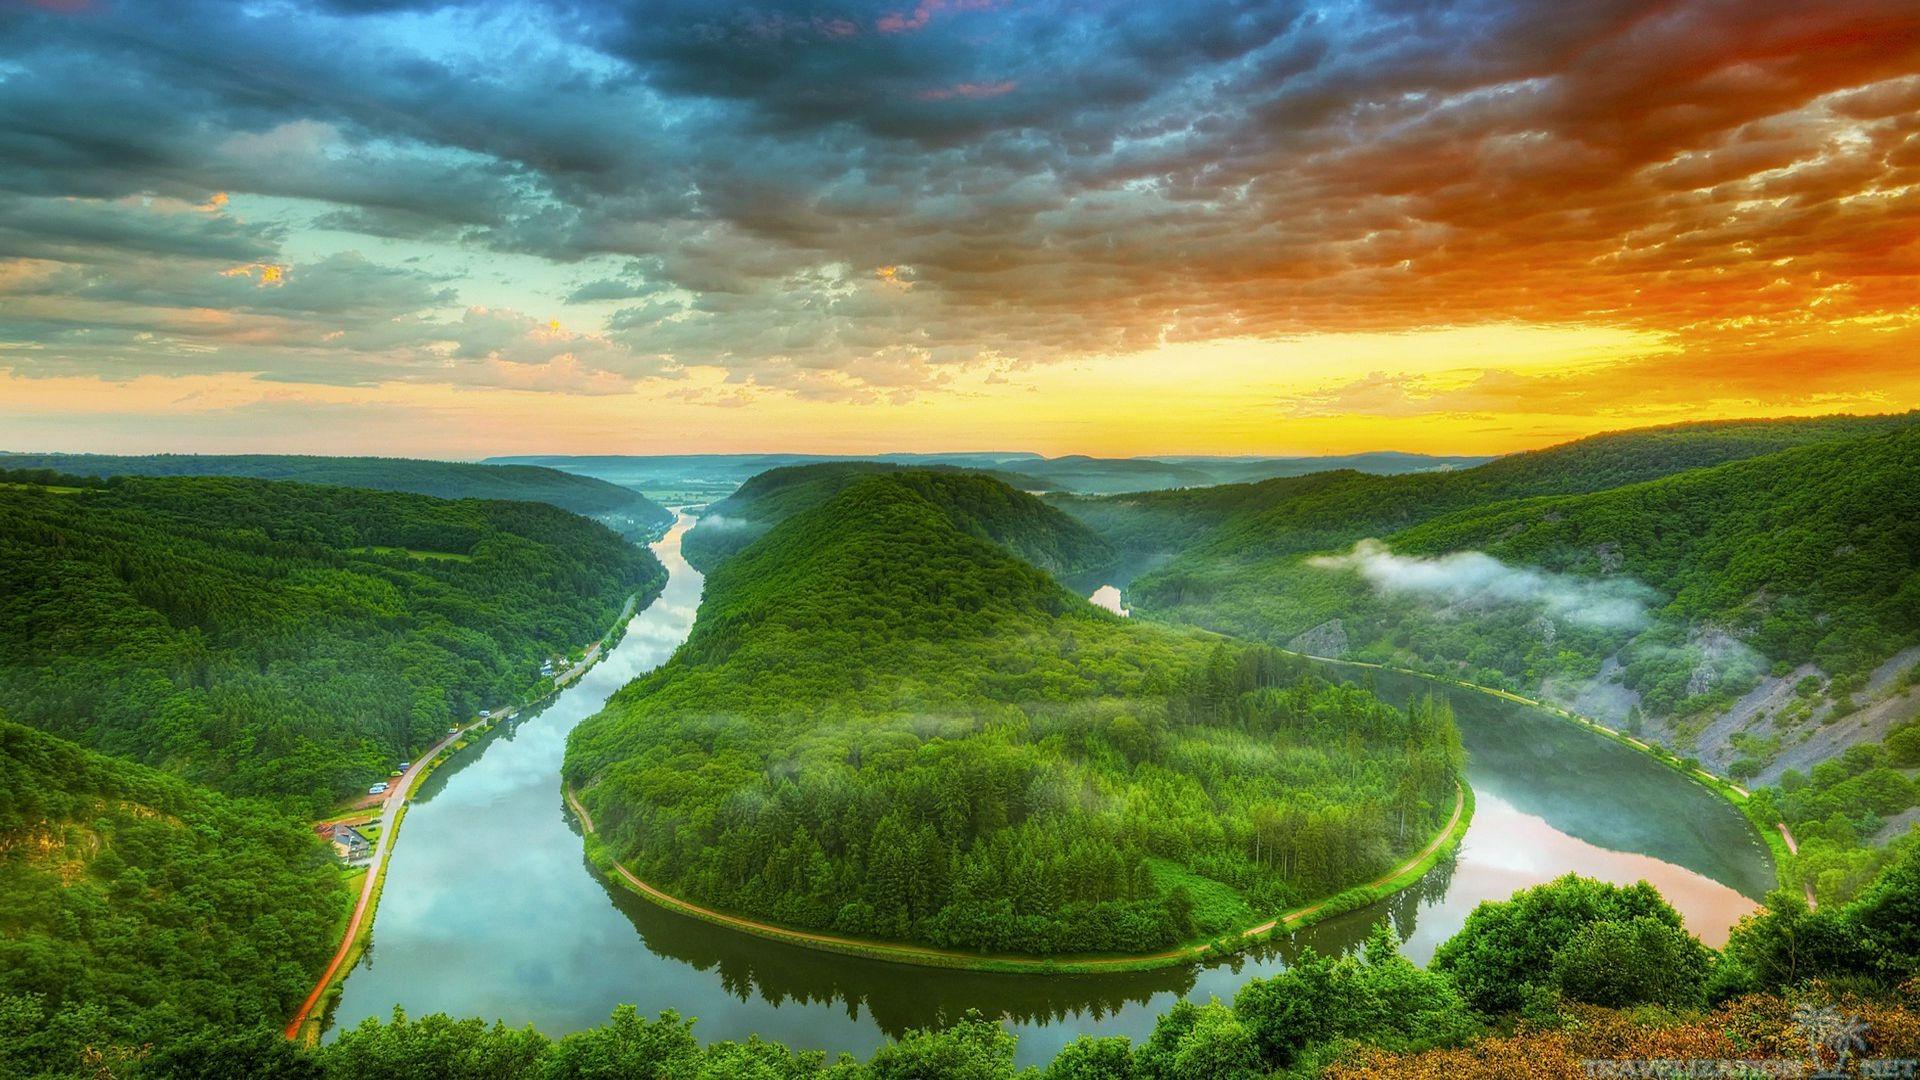 amazing landscapes wallpapers landscape -#main